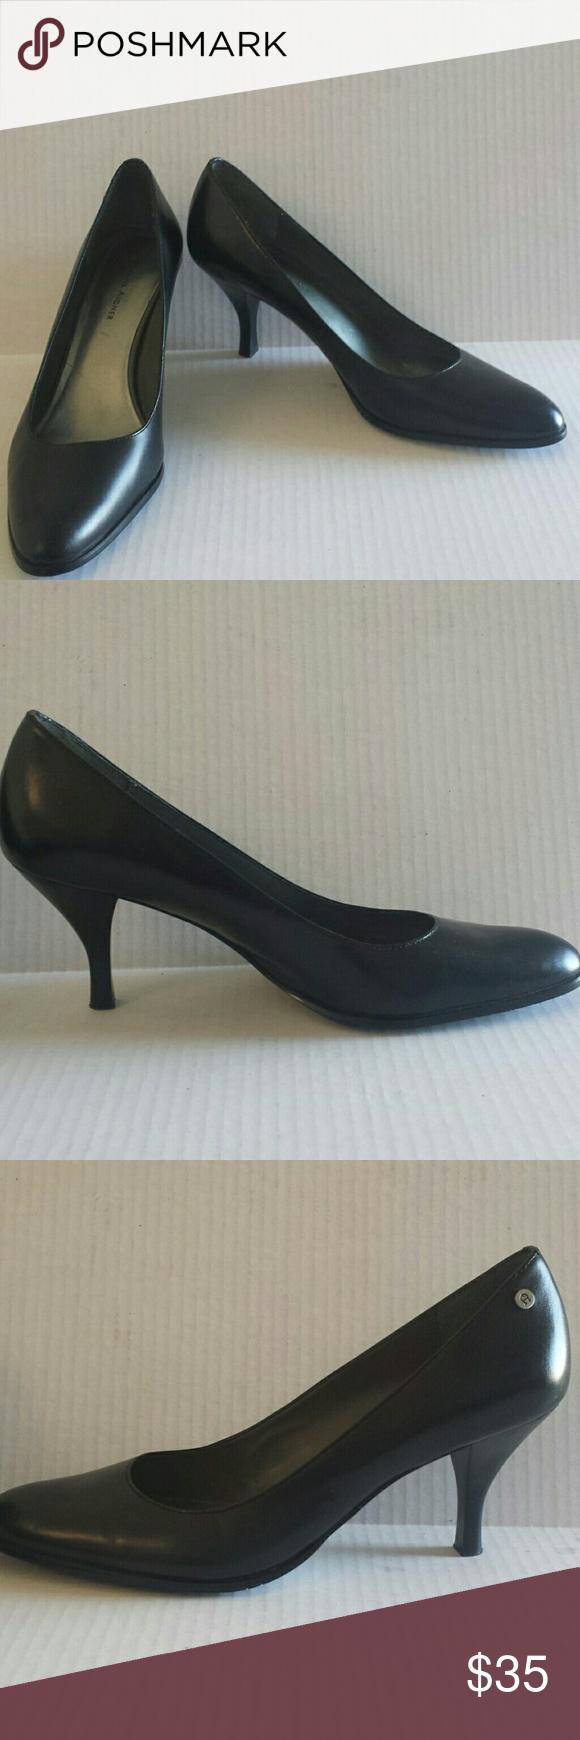 2d005ab8b4 Etienne Aigner black leather 3.5